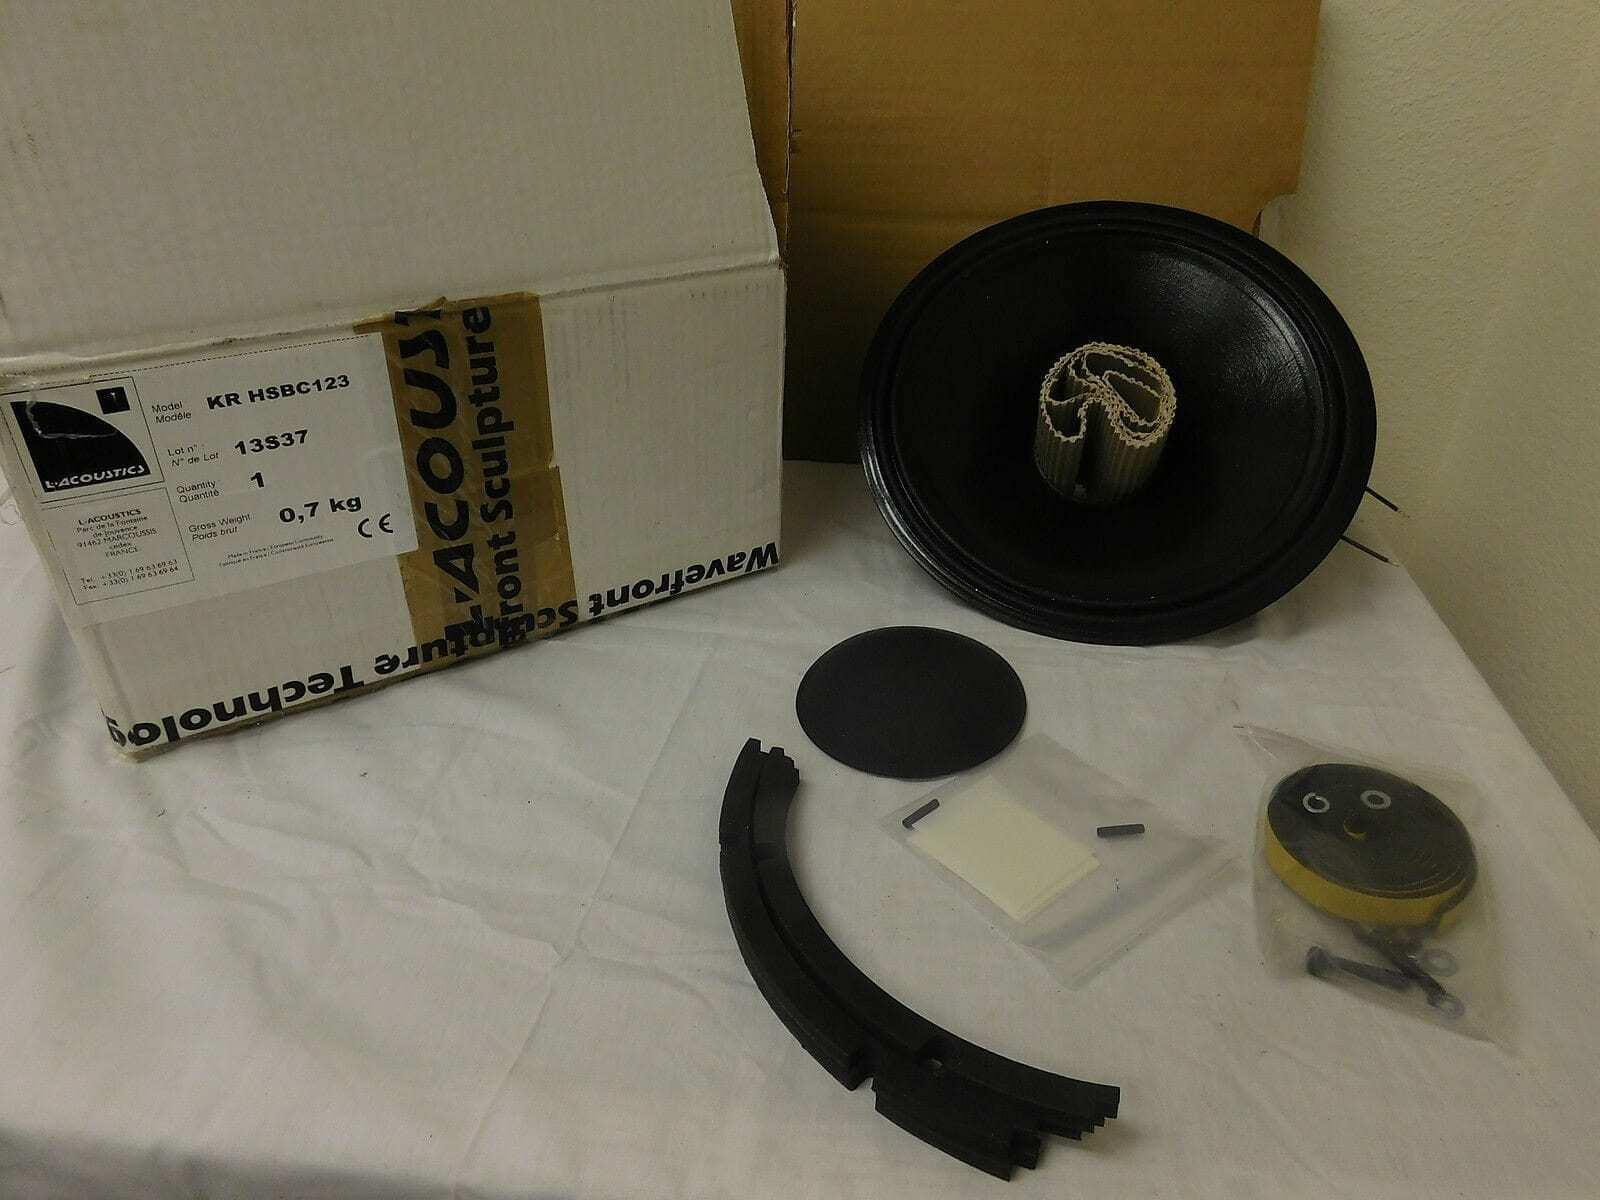 L'Acoustics KR HSBC123 Driver Cone Replacement Kit